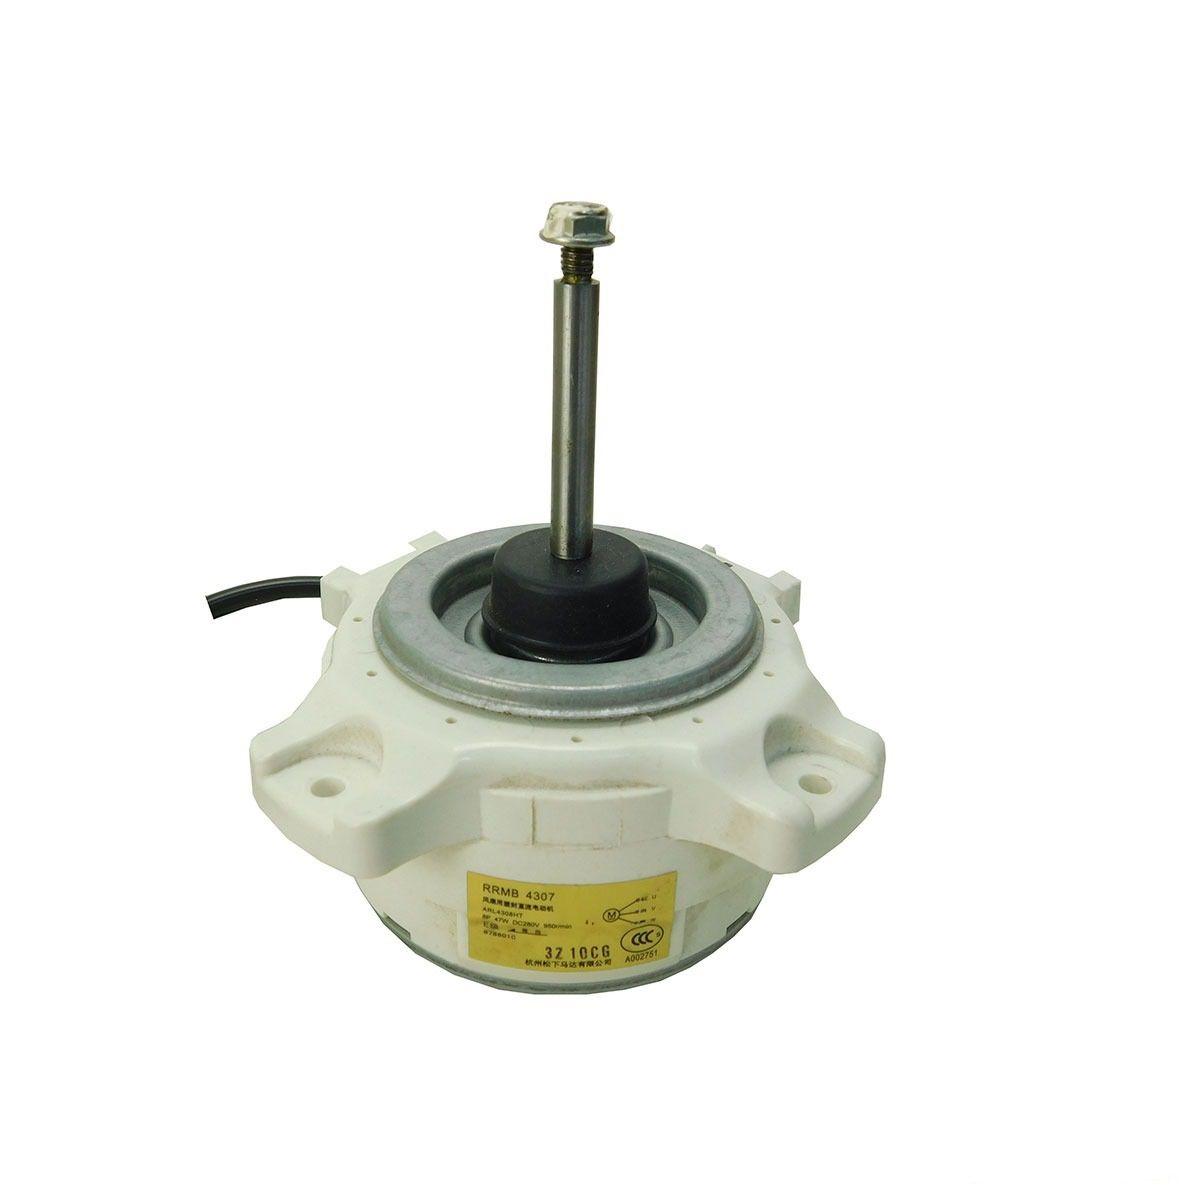 Motor Ventilador Condensadora Hitachi 9.000 até 22.000 Btus RRMB4307